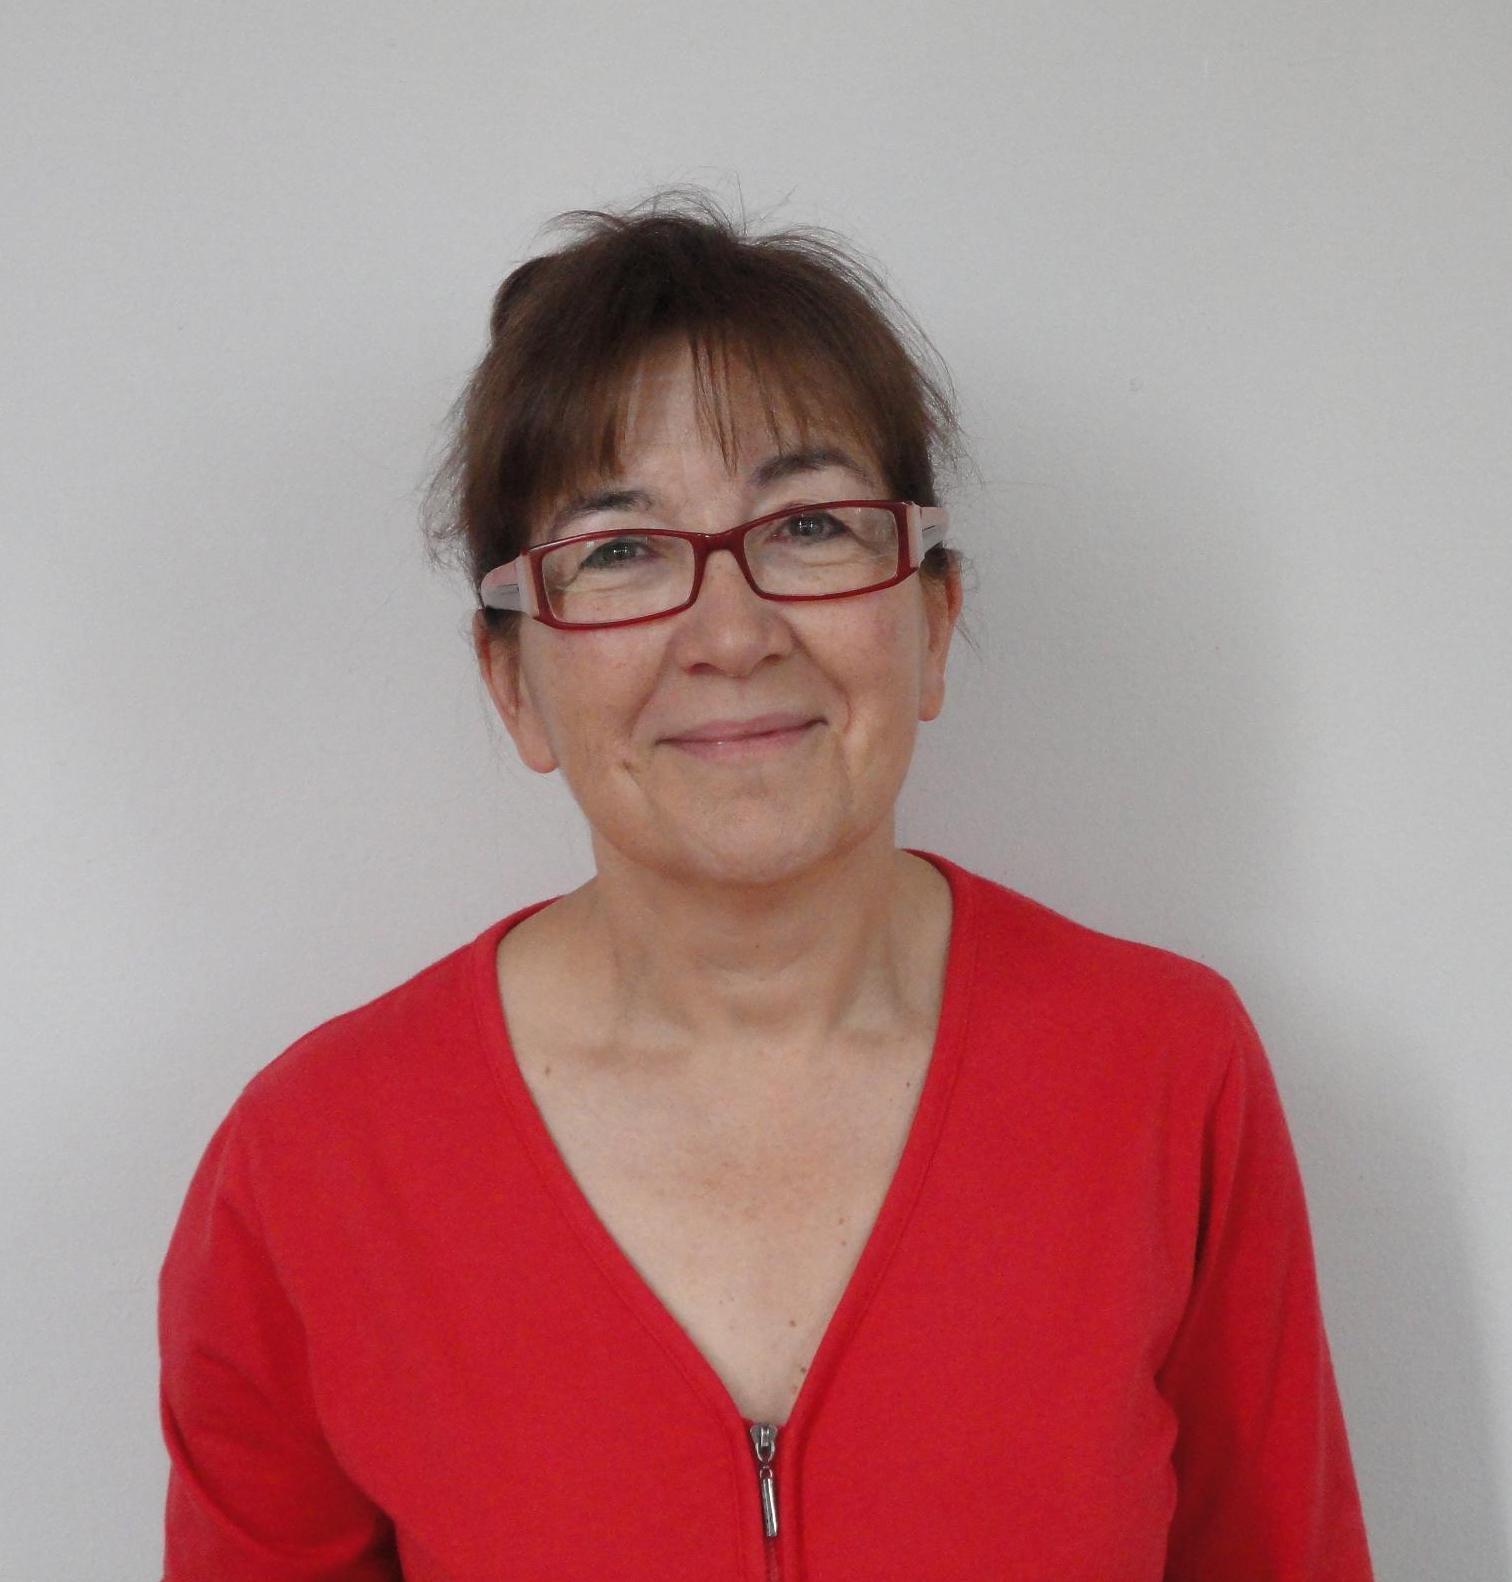 PÁGINA DE ROSER BATLLE